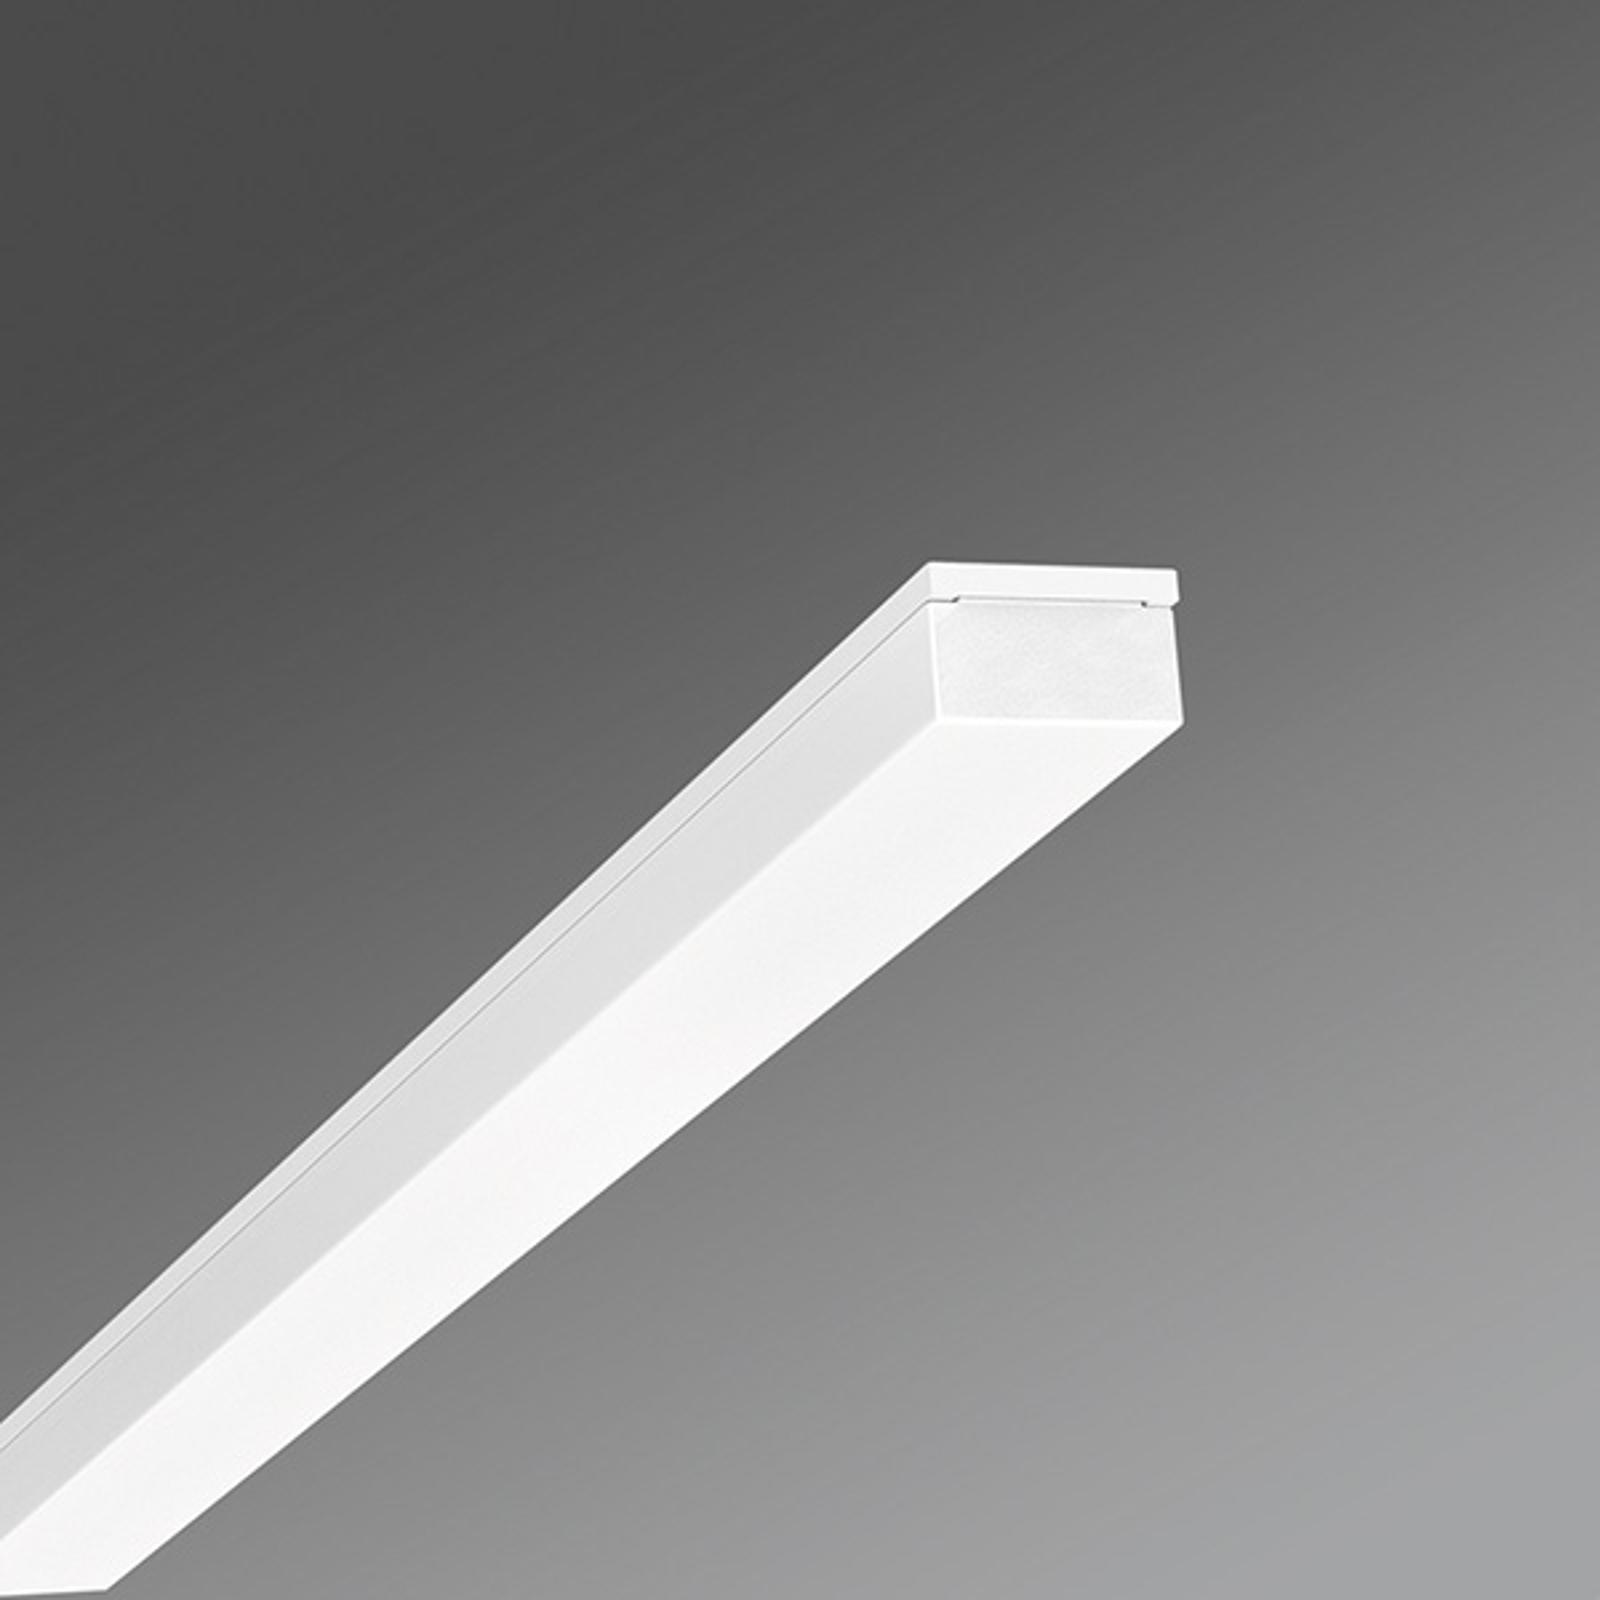 Diffusor opal - LED-Deckenlampe Wotek-WKO/1200 uw